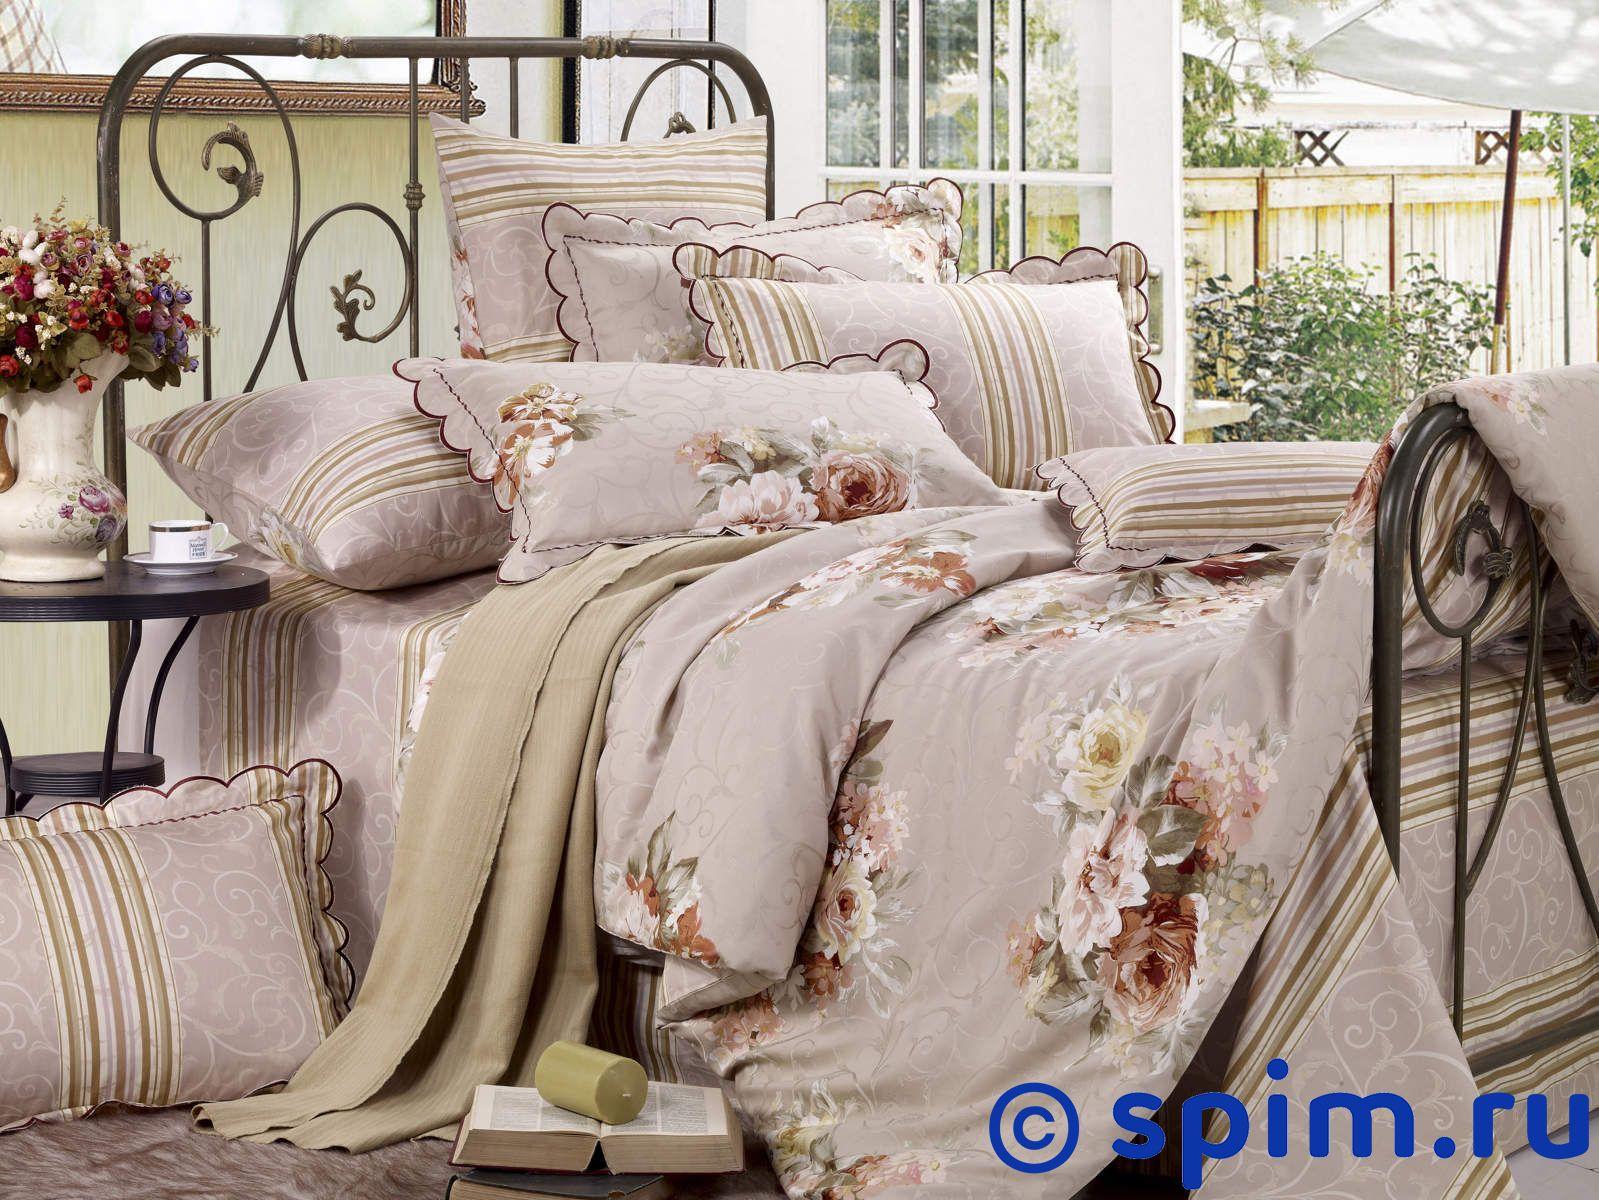 Постельное белье СайлиД Т22 Евро-стандарт постельное белье мартекс кпб печать атлас гречанка евро